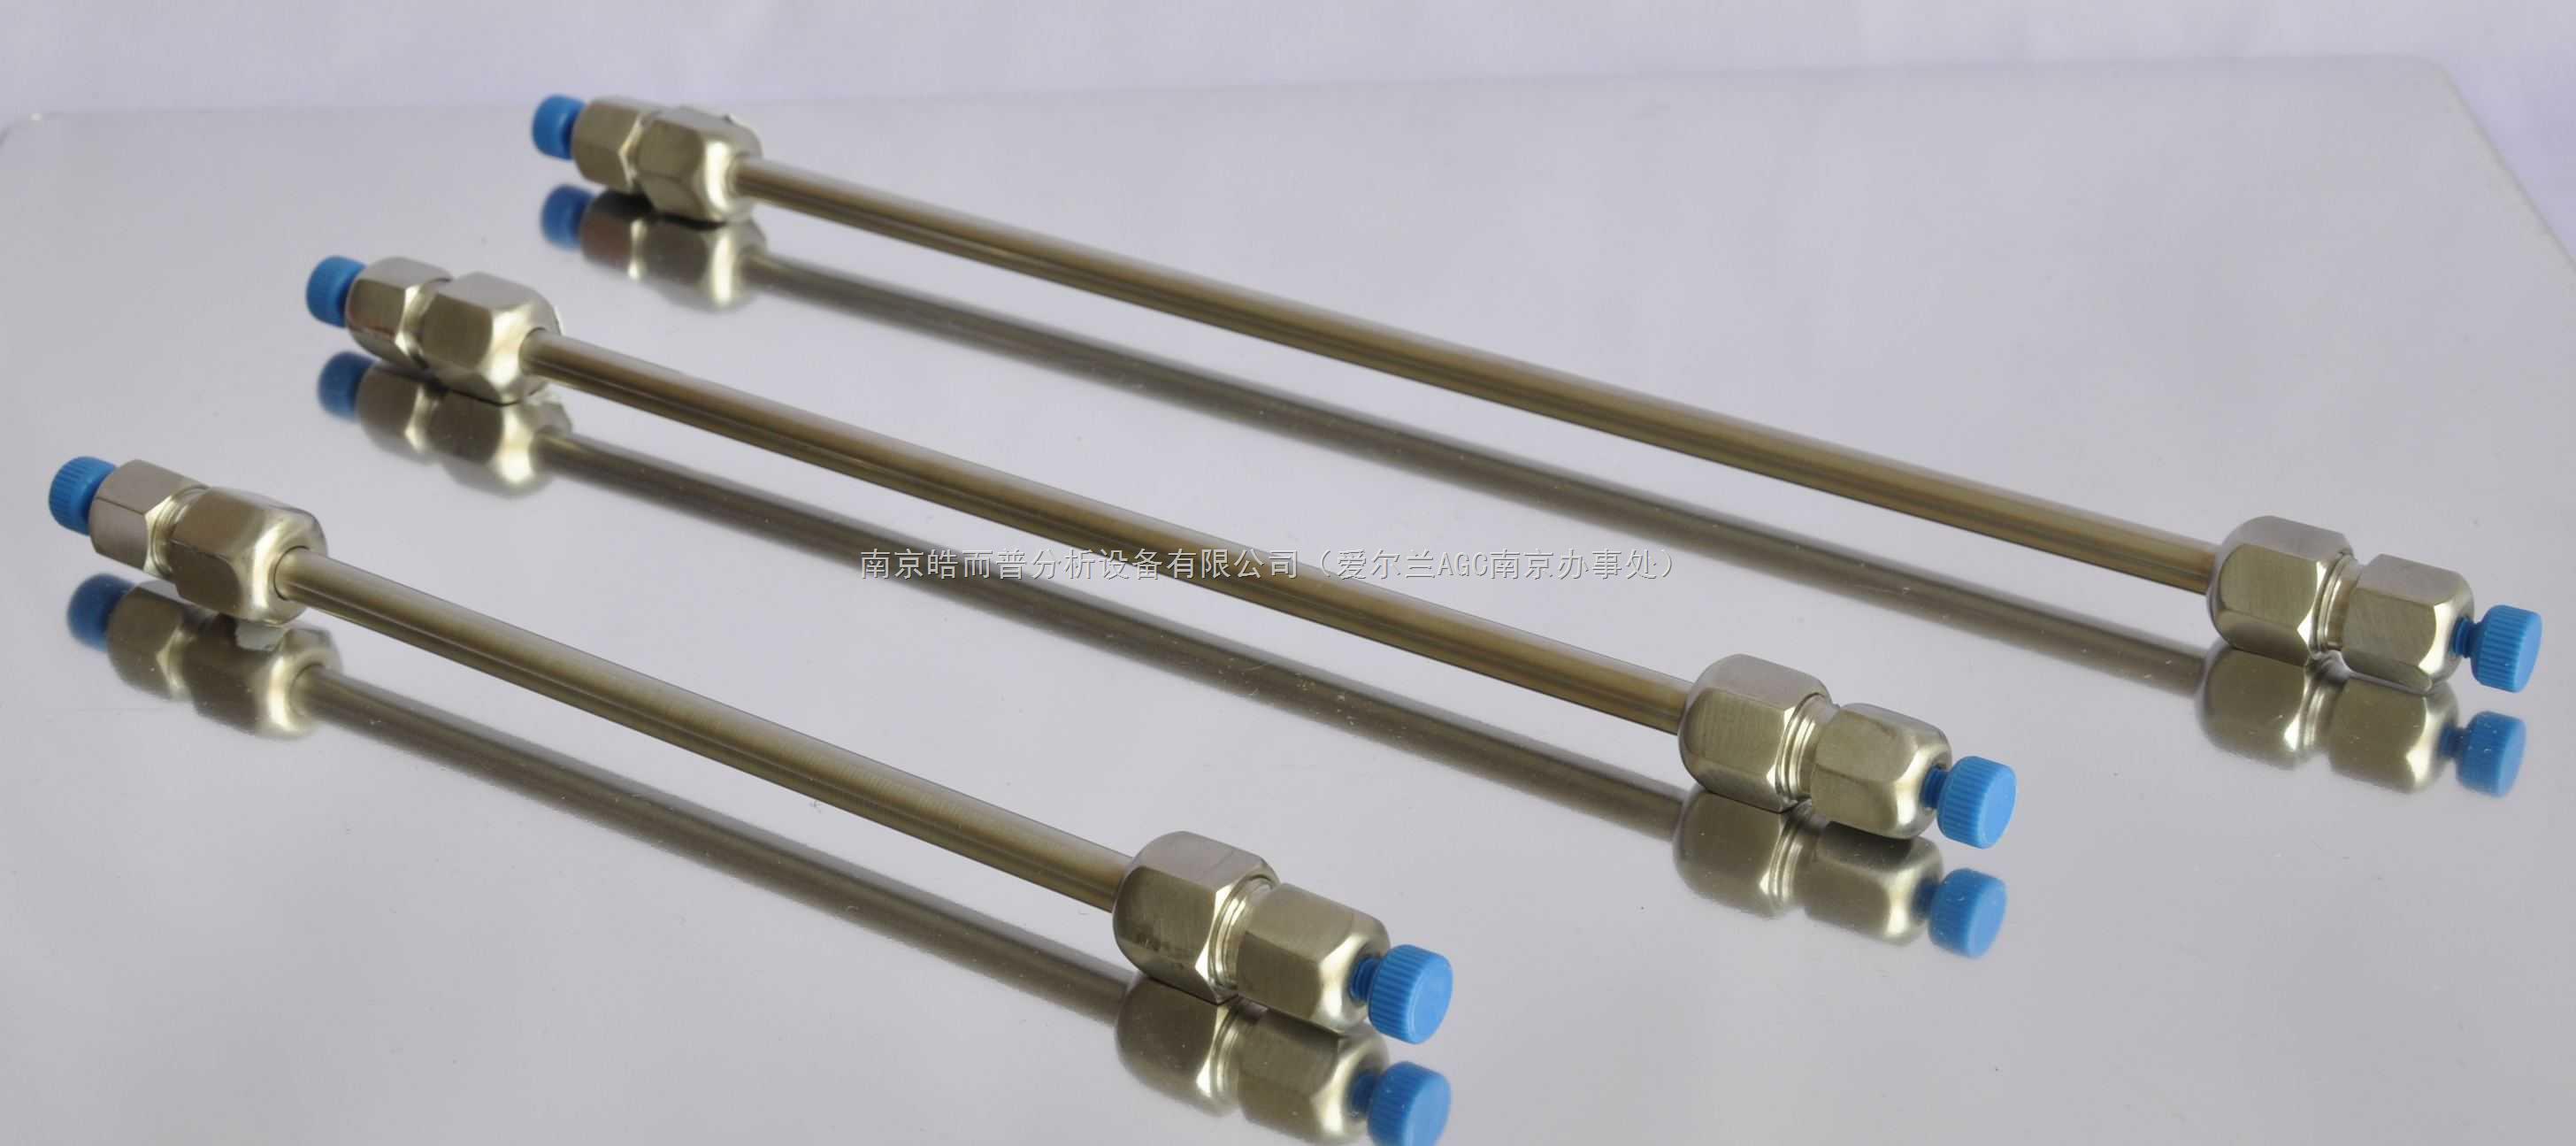 绸环芳香族化合物分析专用柱